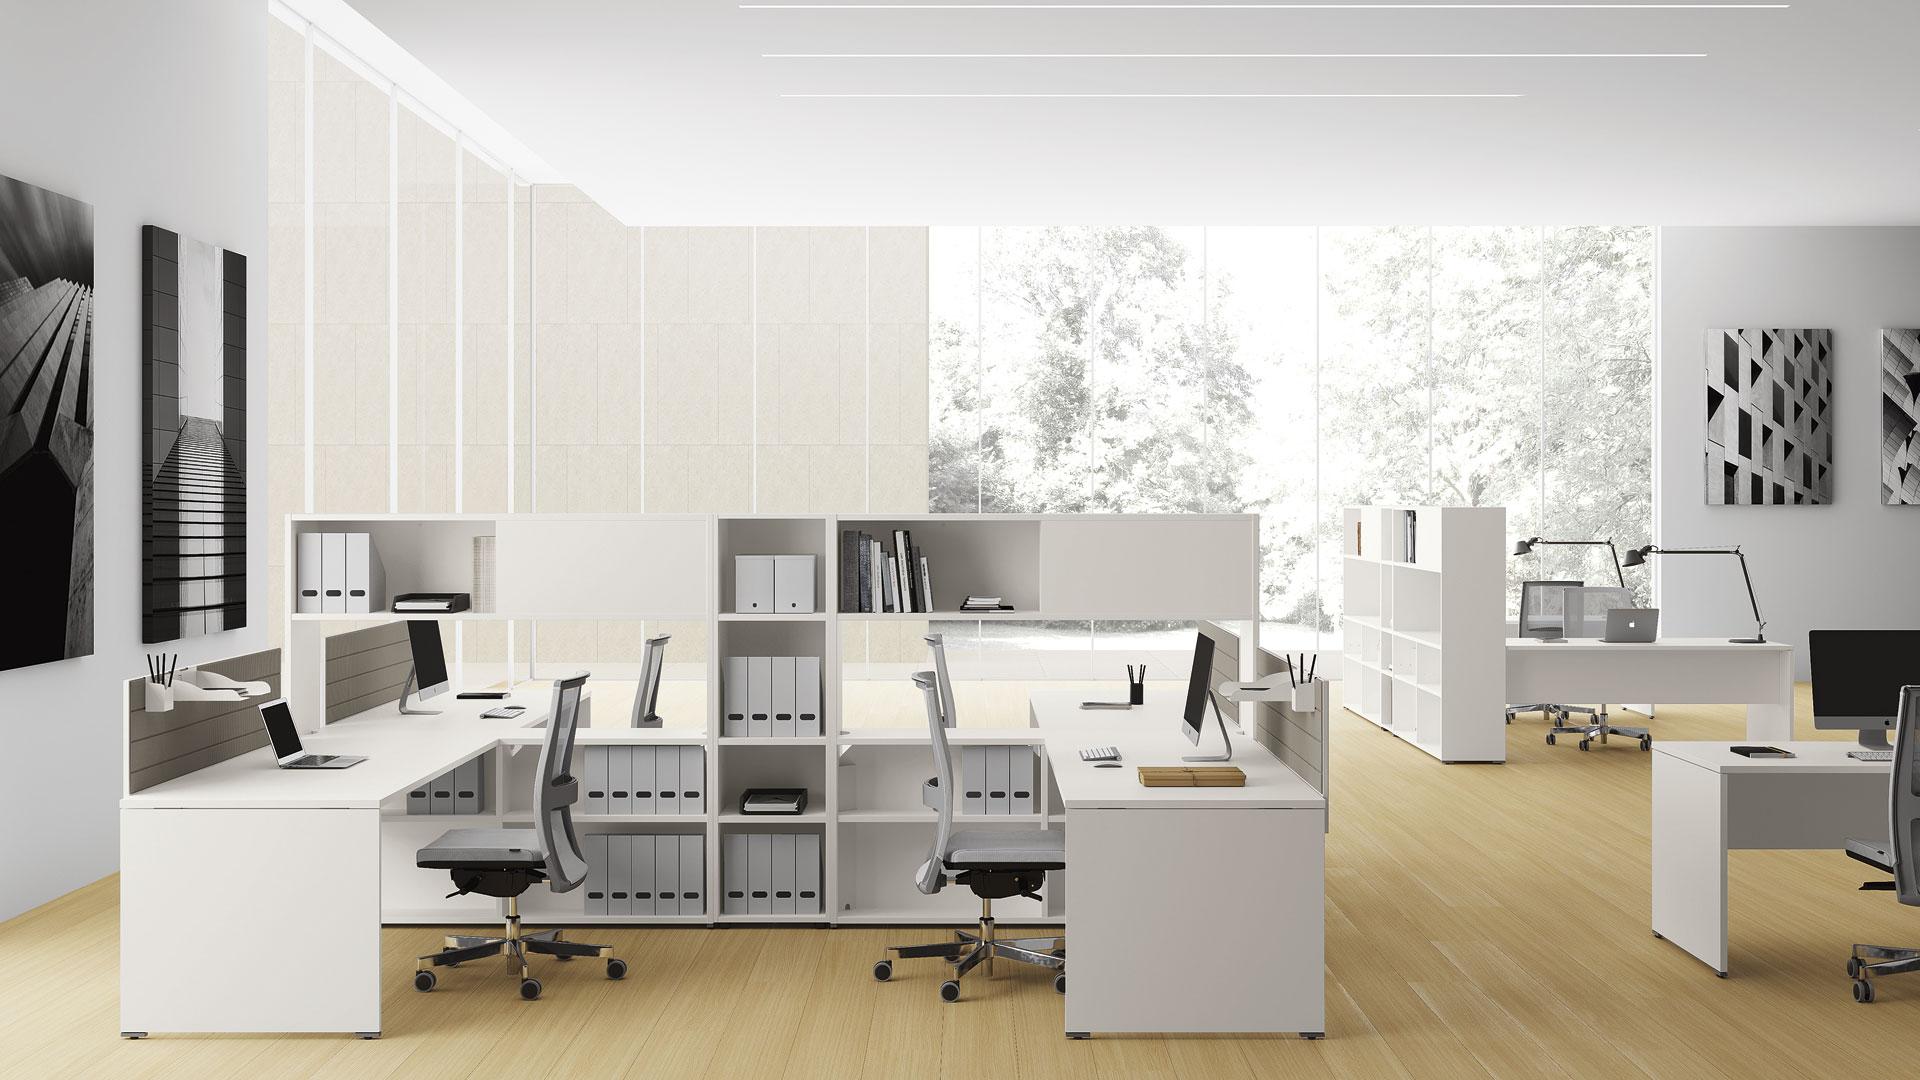 Sede a castronovo di sicilia (pa) Arredamenti Mobili Per Ufficio Giannone Computers